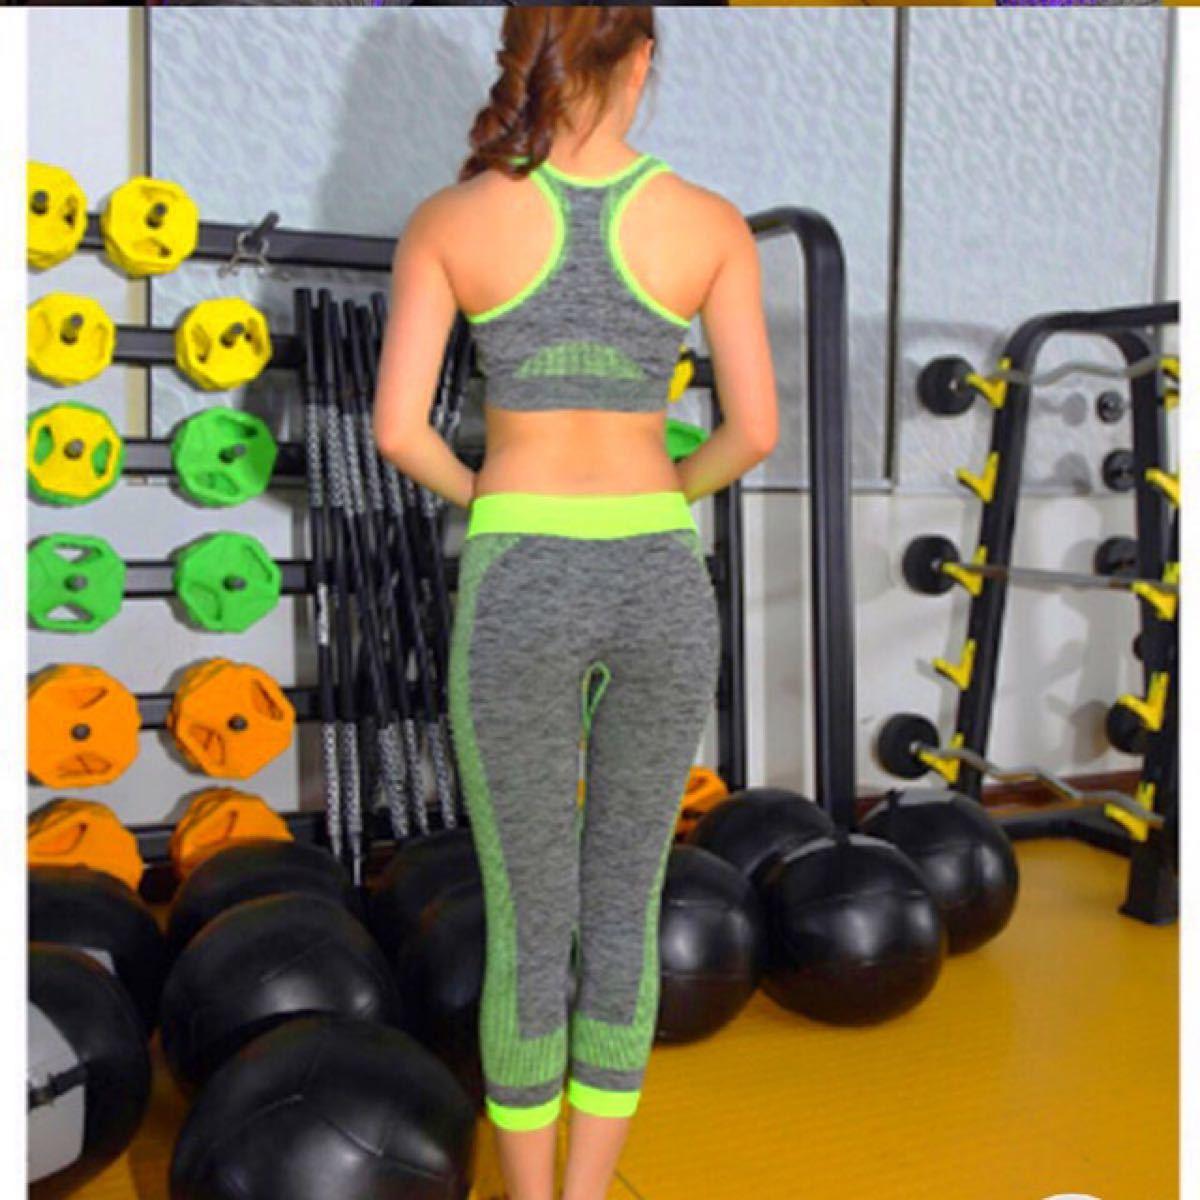 レディー スポーツ トレーニングウェア ヨガ ピラティス スポーツブラ&レギンスセットアップ